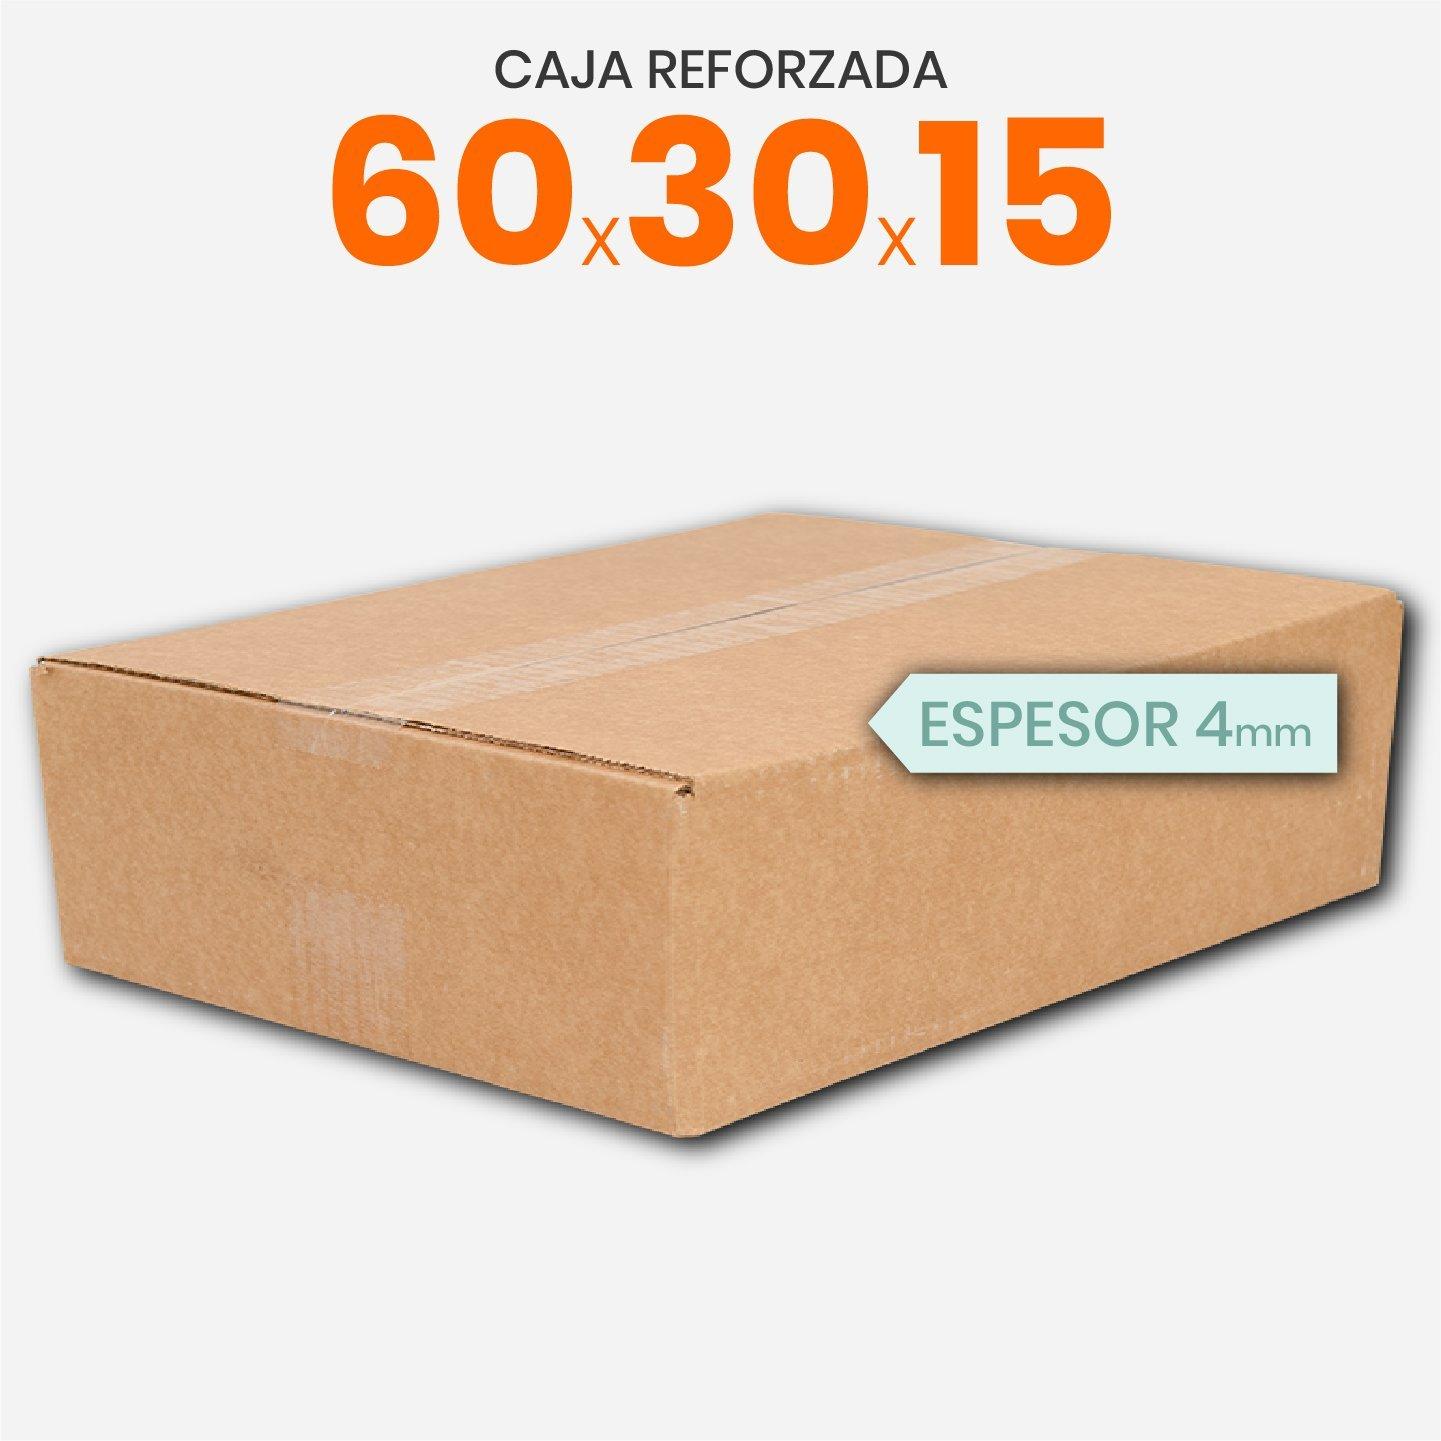 Caja De Cartón Corrugado Reforzada 60x30x15